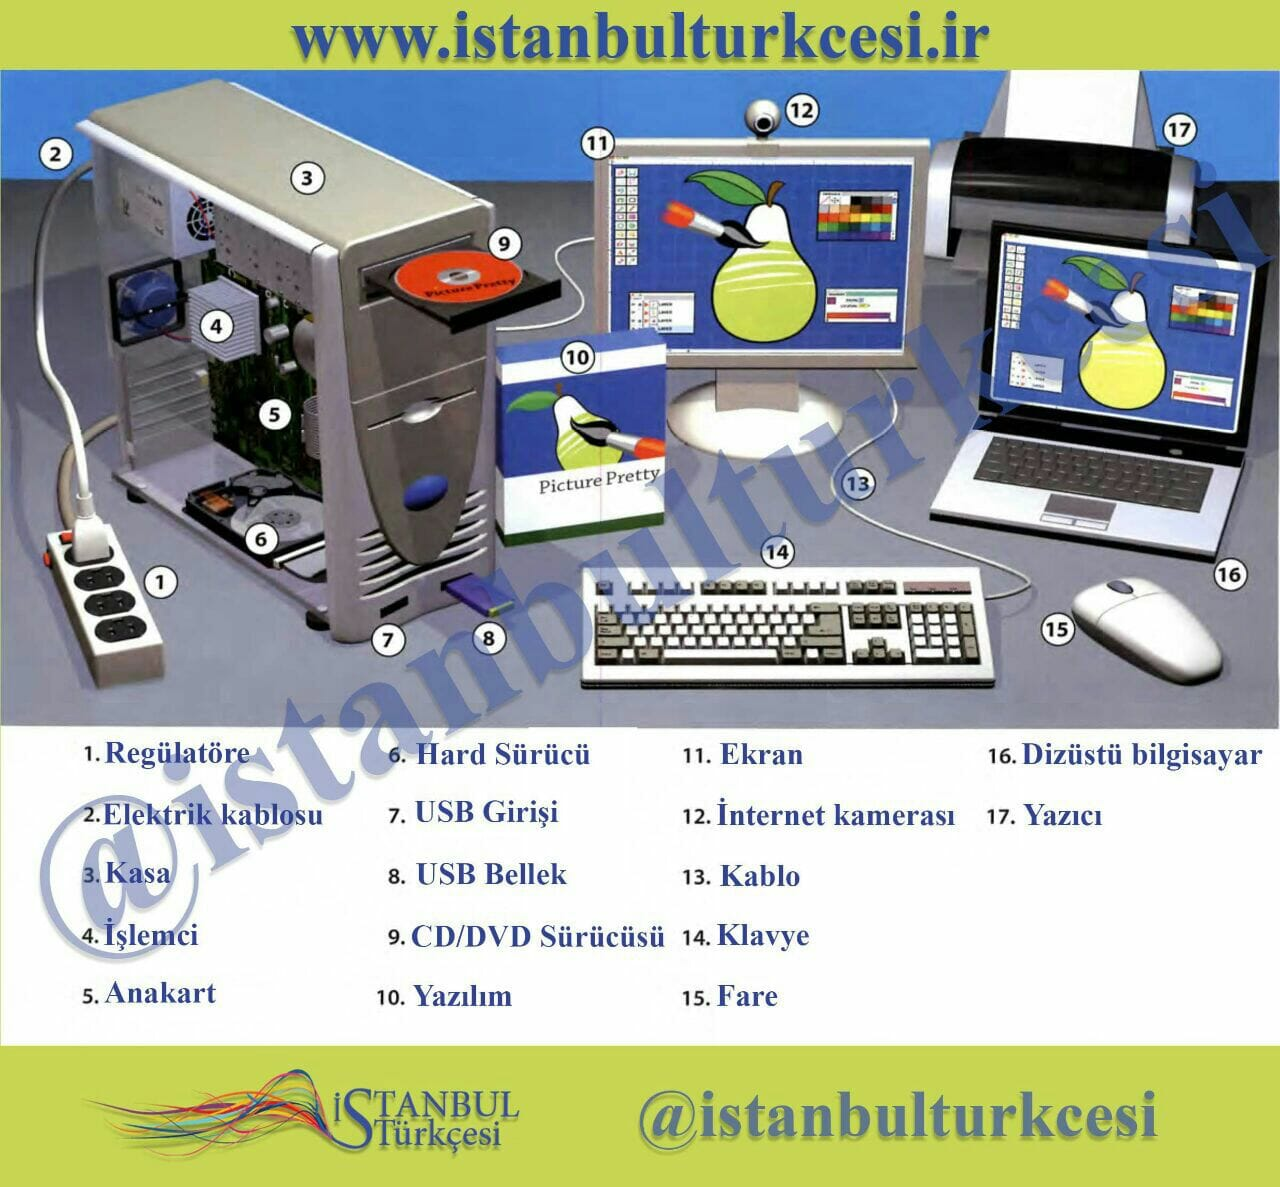 کامپیوتر و لوازم جانبی به ترکی استانبولی